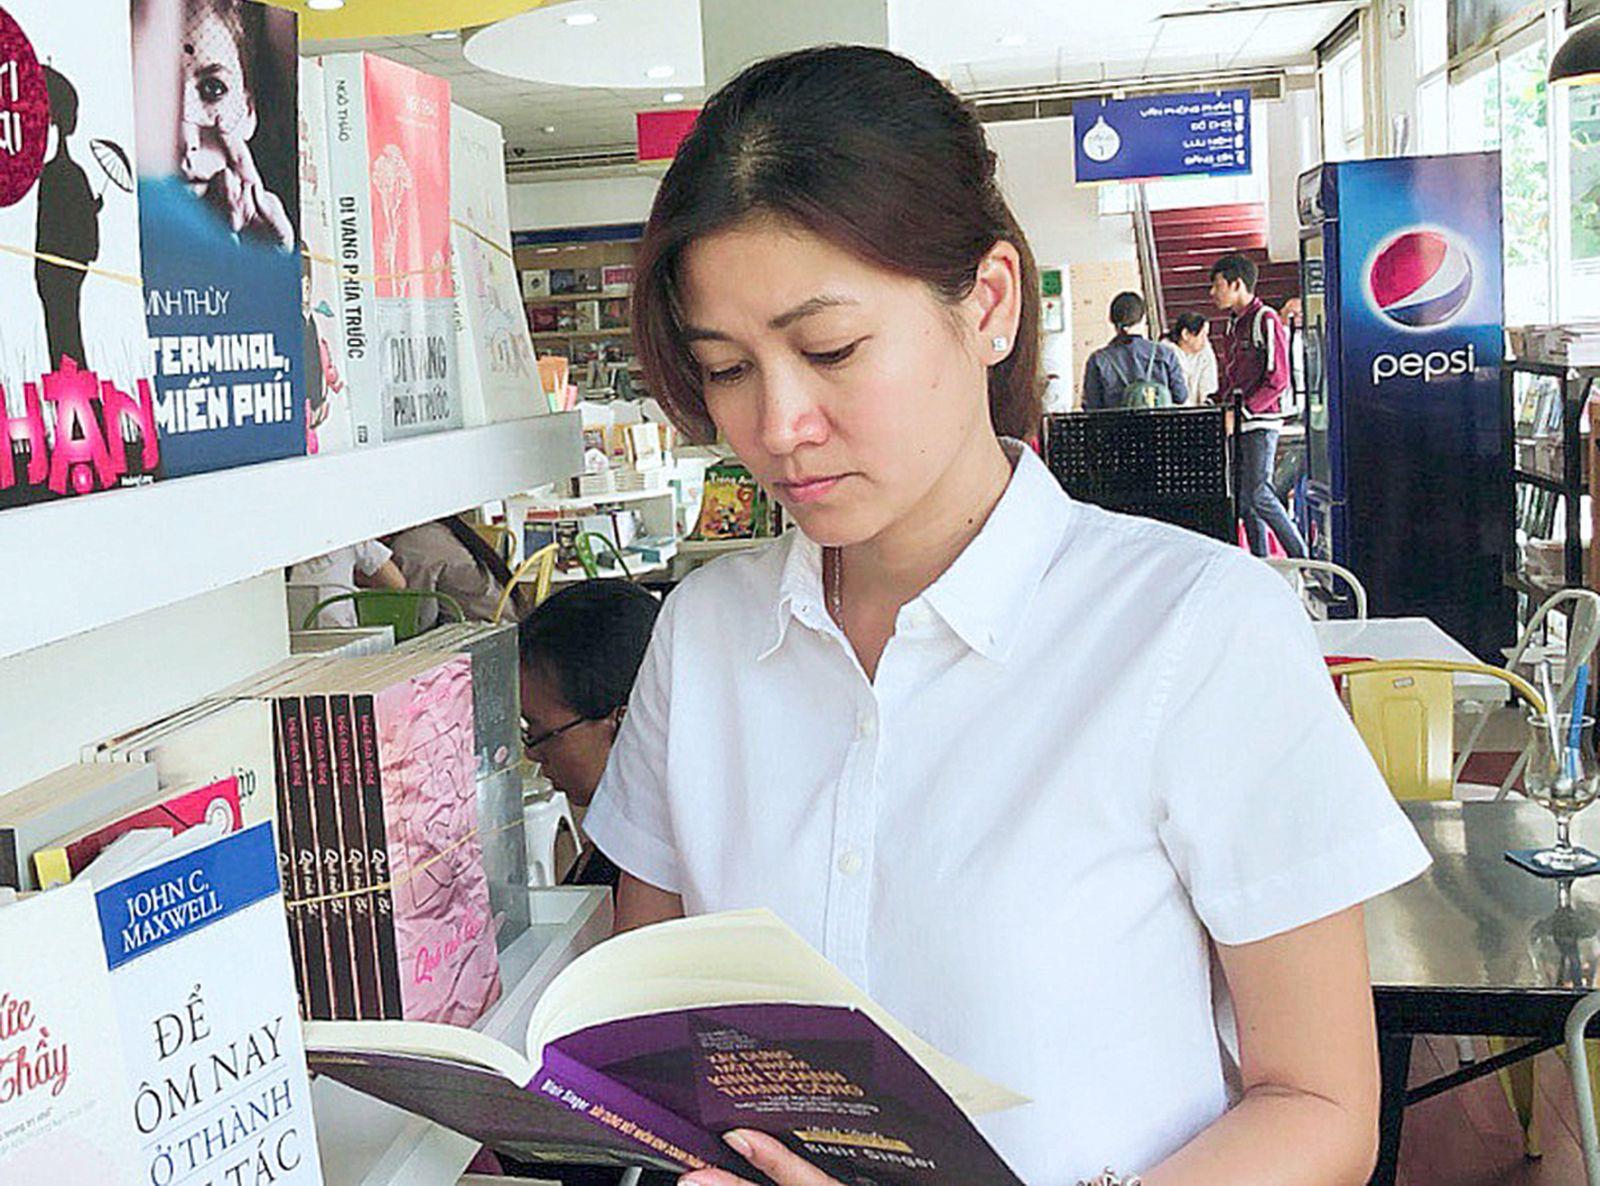 Tú Vân thường đọc rất nhiều sách để học hỏi kinh nghiệm kinh doanh. Ảnh: KIỀU CHINH